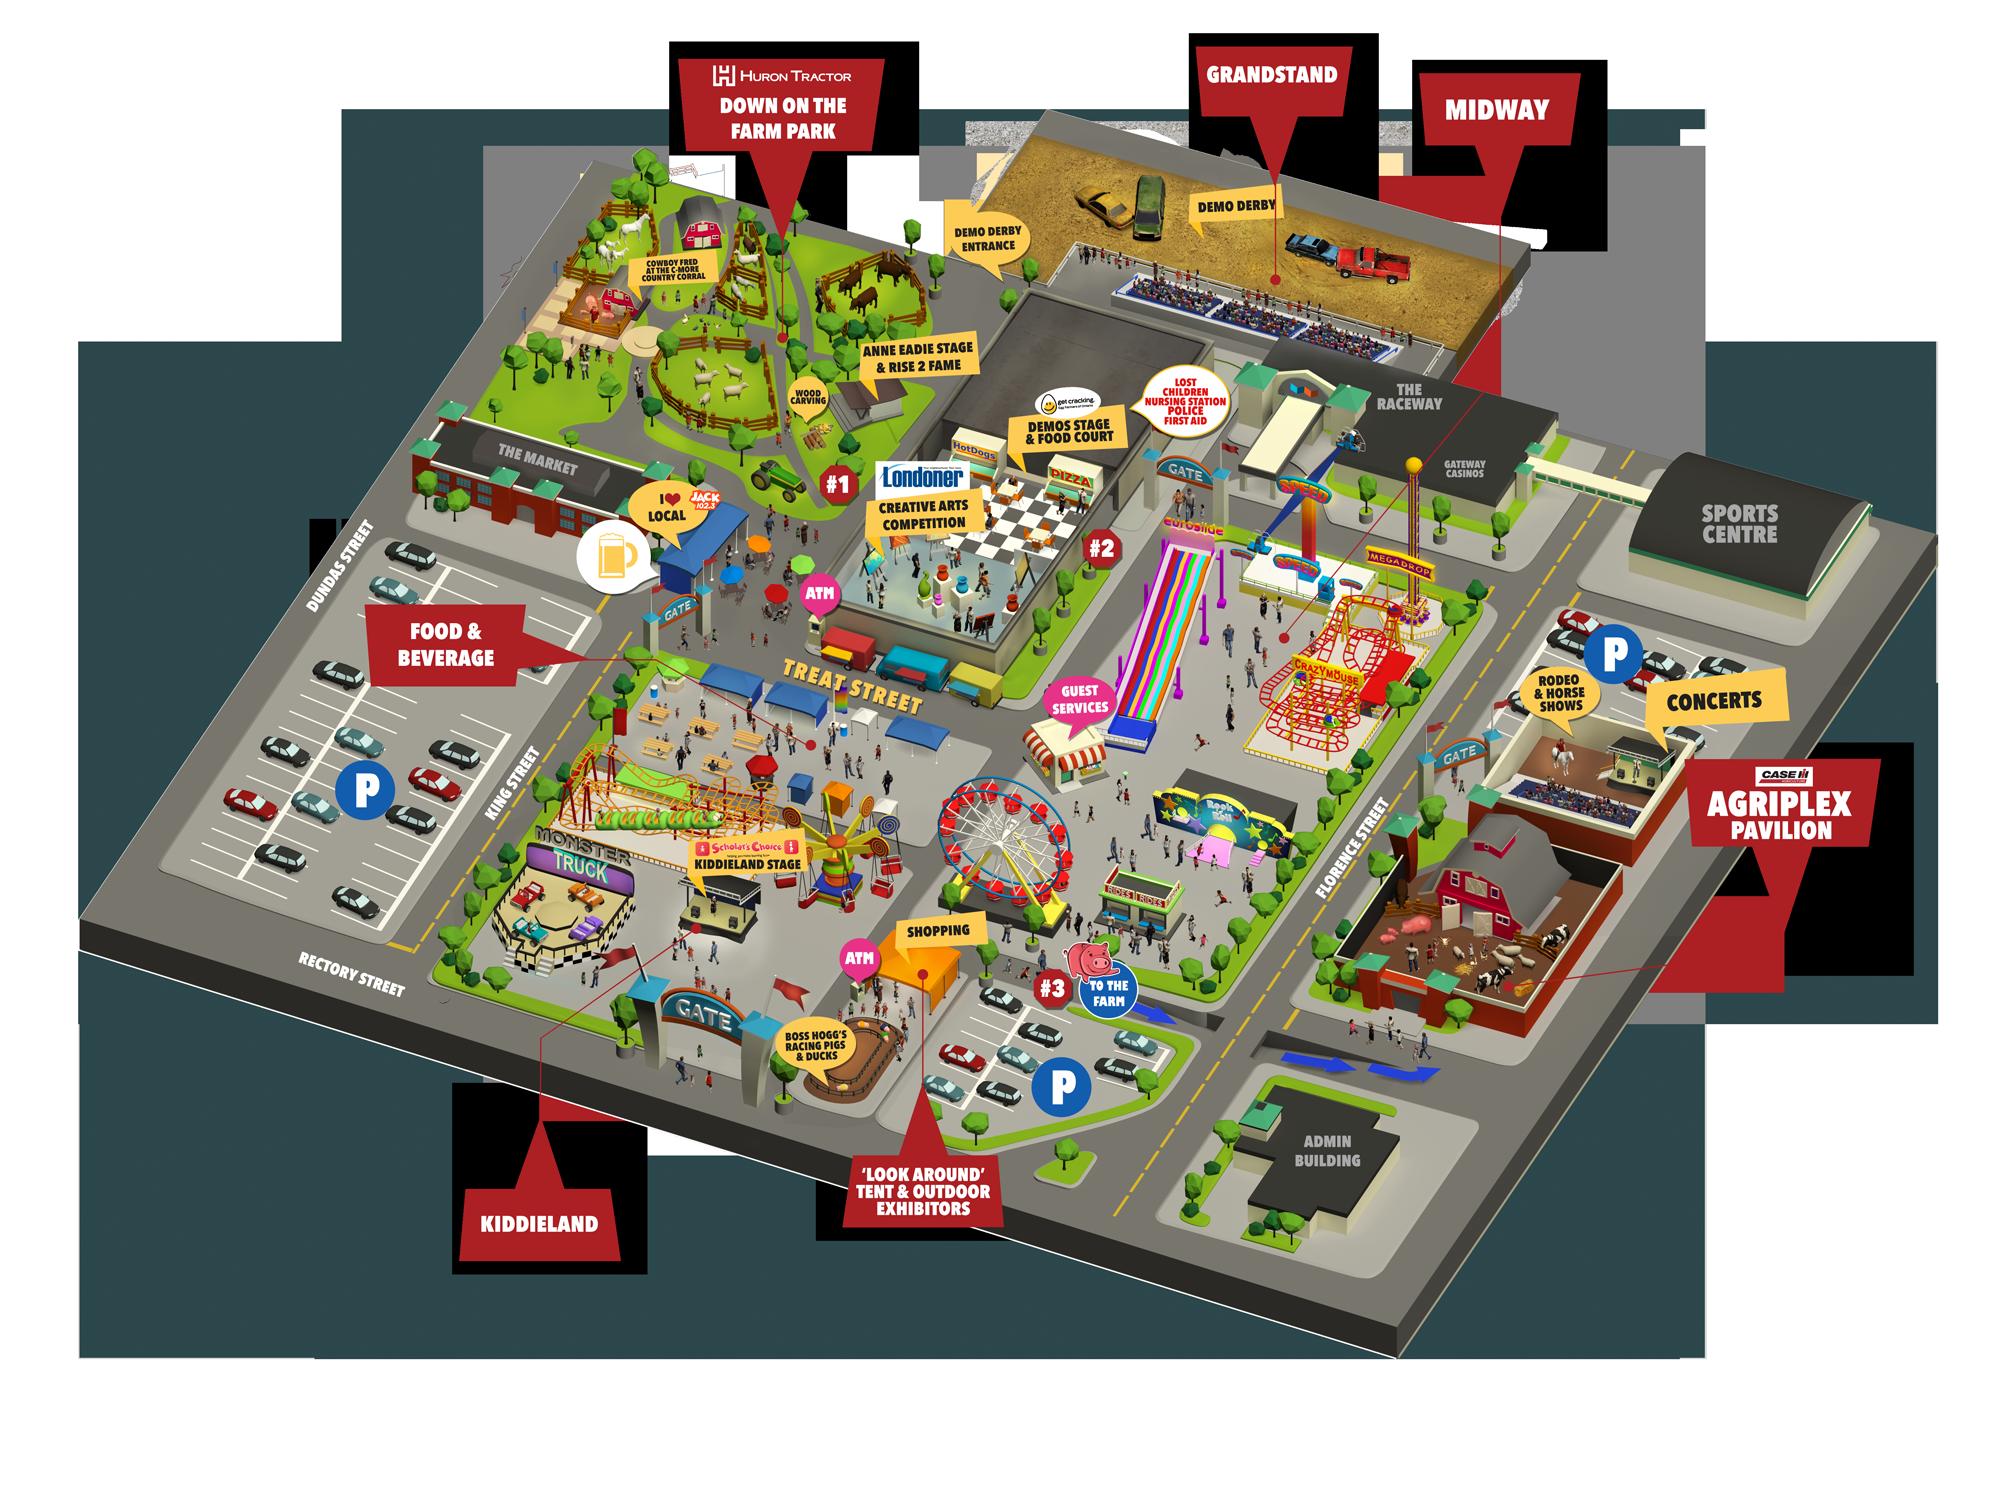 Western Fair 2018 - Map